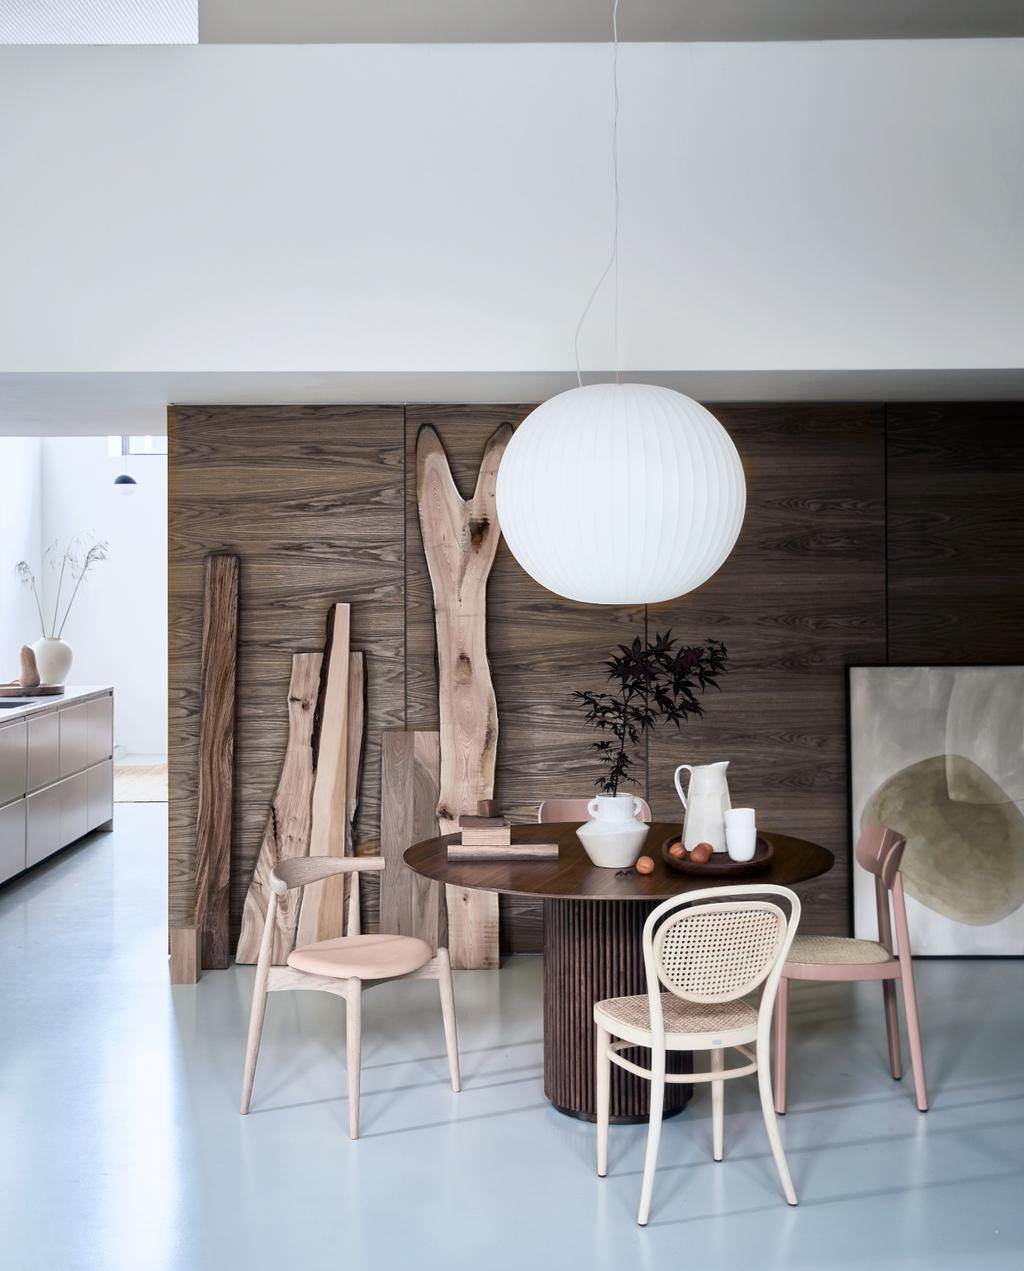 vtwonen 08-2020 | styling Scandinavisch eetkamer met houten stoelen en teakhouten eettafel